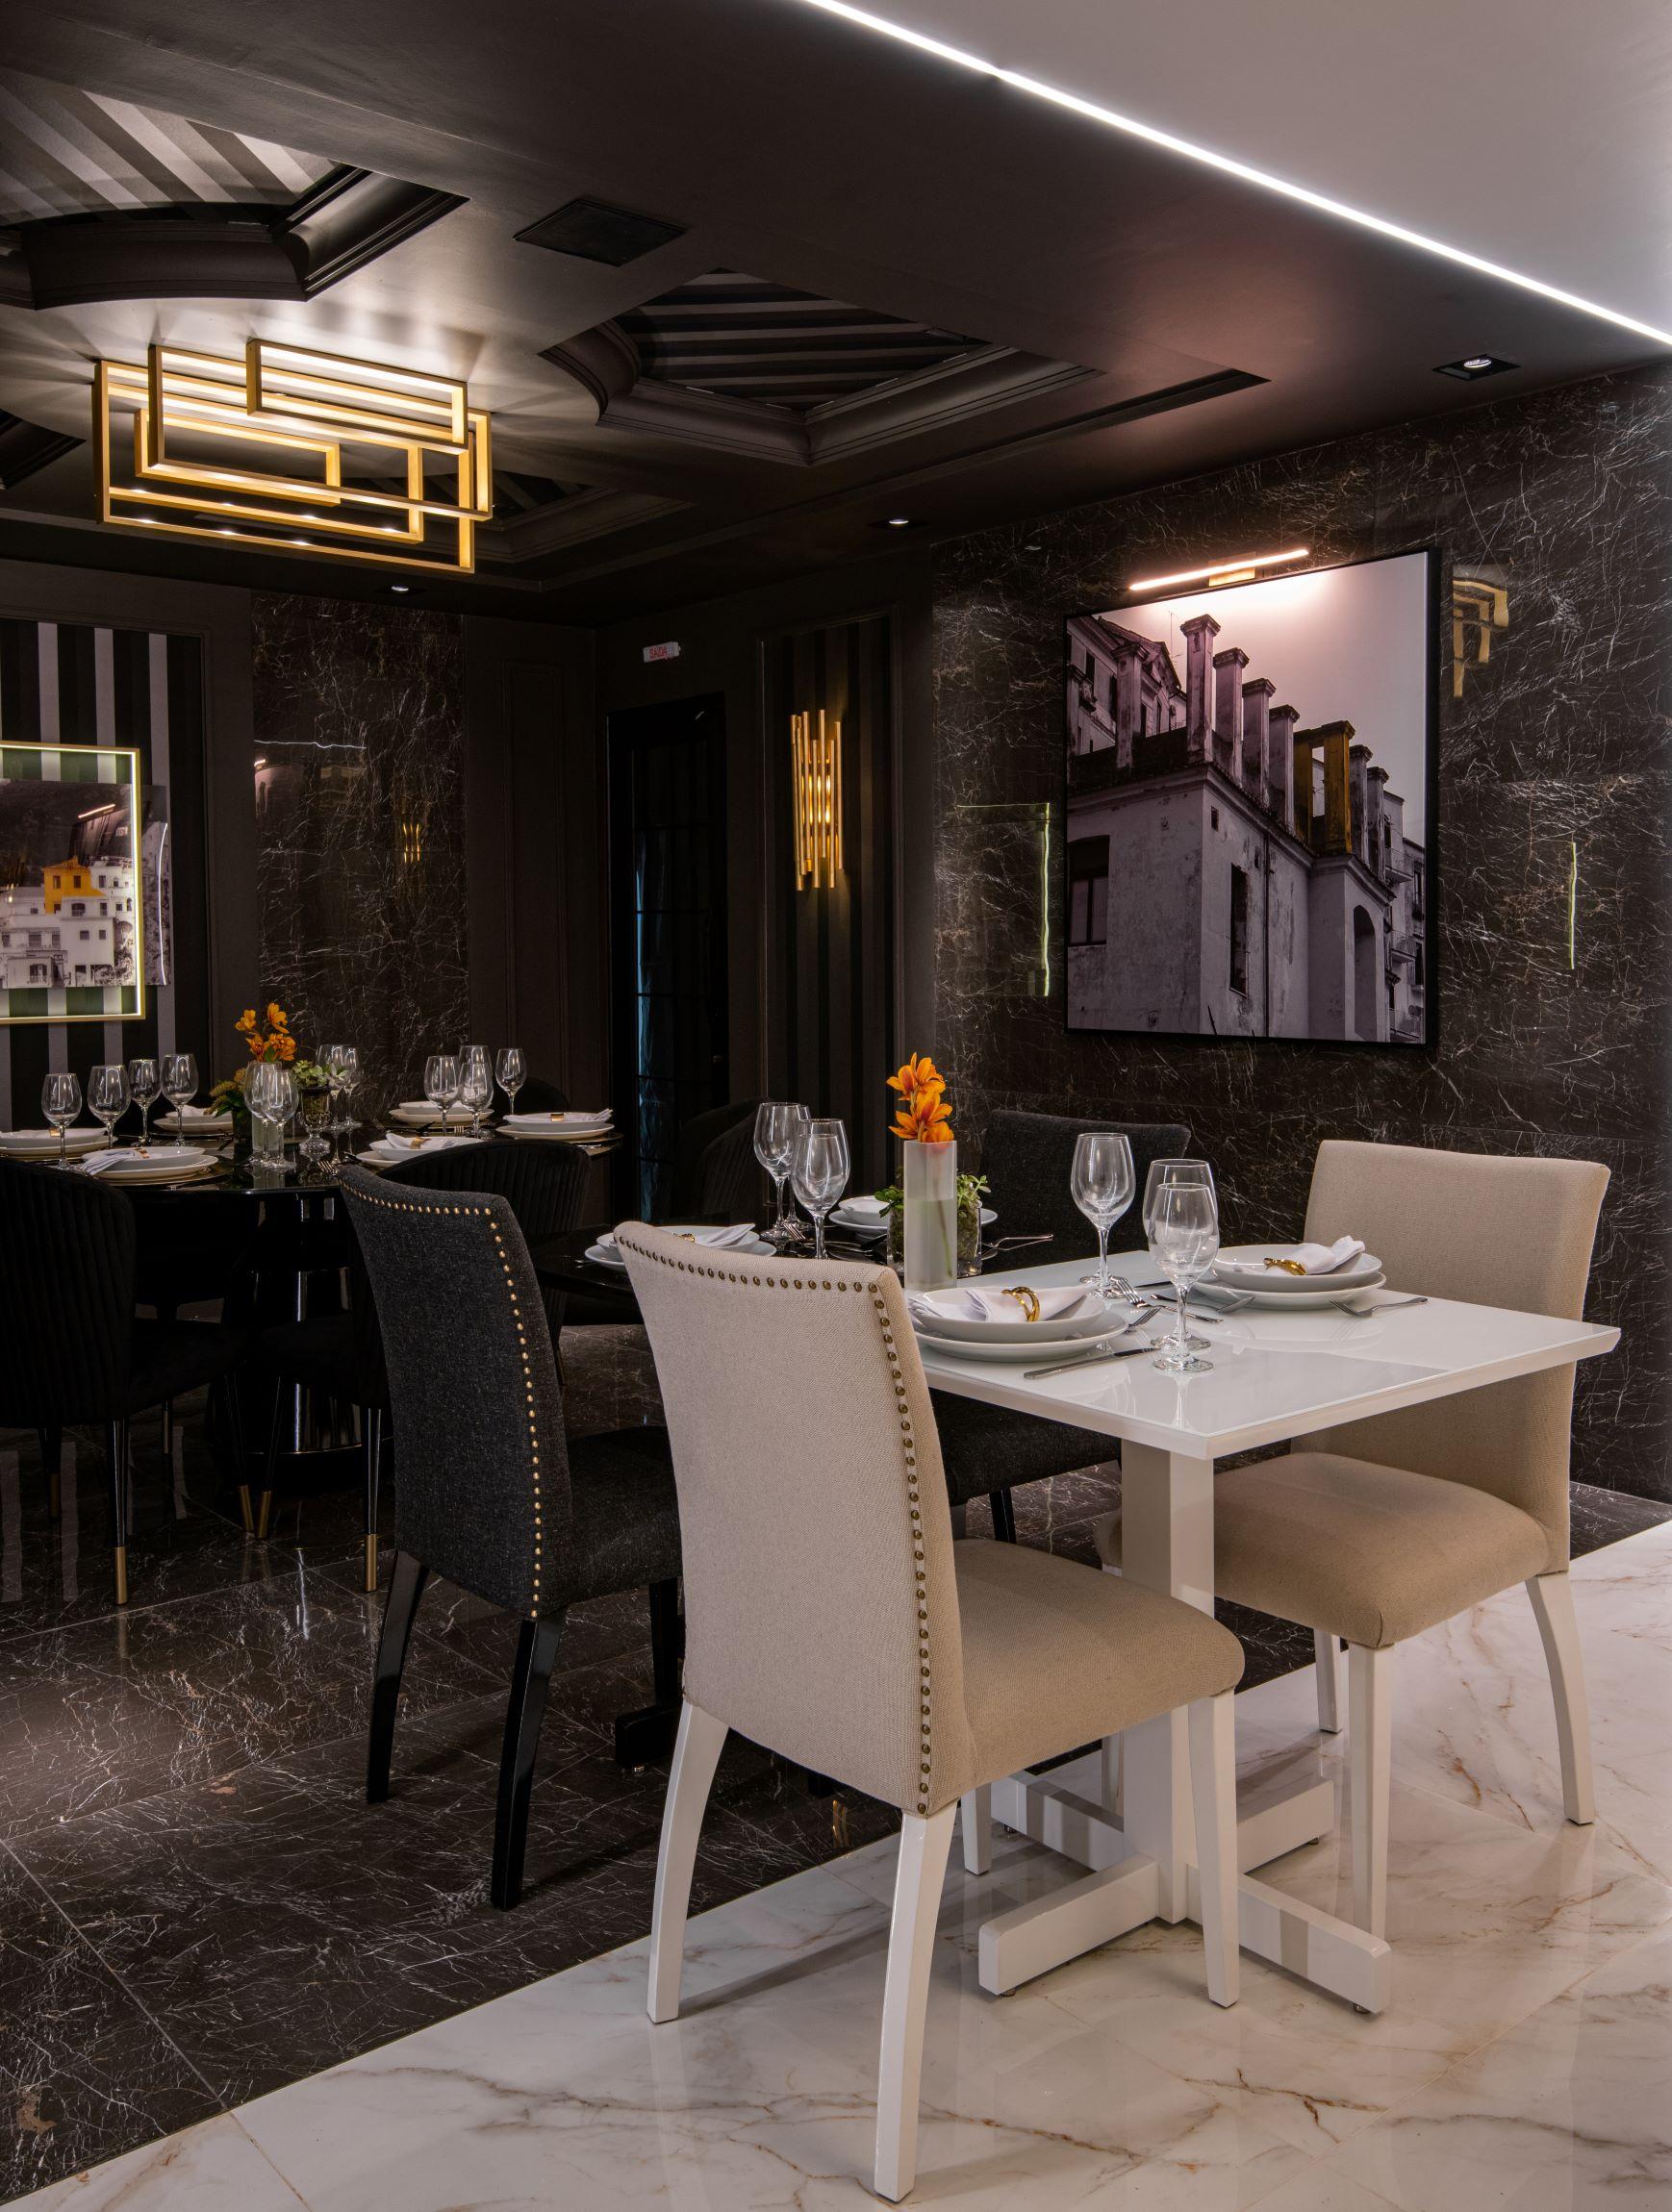 Restaurante Limone, CASACOR São Paulo 2019, Habitat Projetos Inteligentes. Restaurante com conceito de dualidade, mesas de mármore branco e preto, cadeiras clássicas brancas e pretas, quadros e teto de gesso.